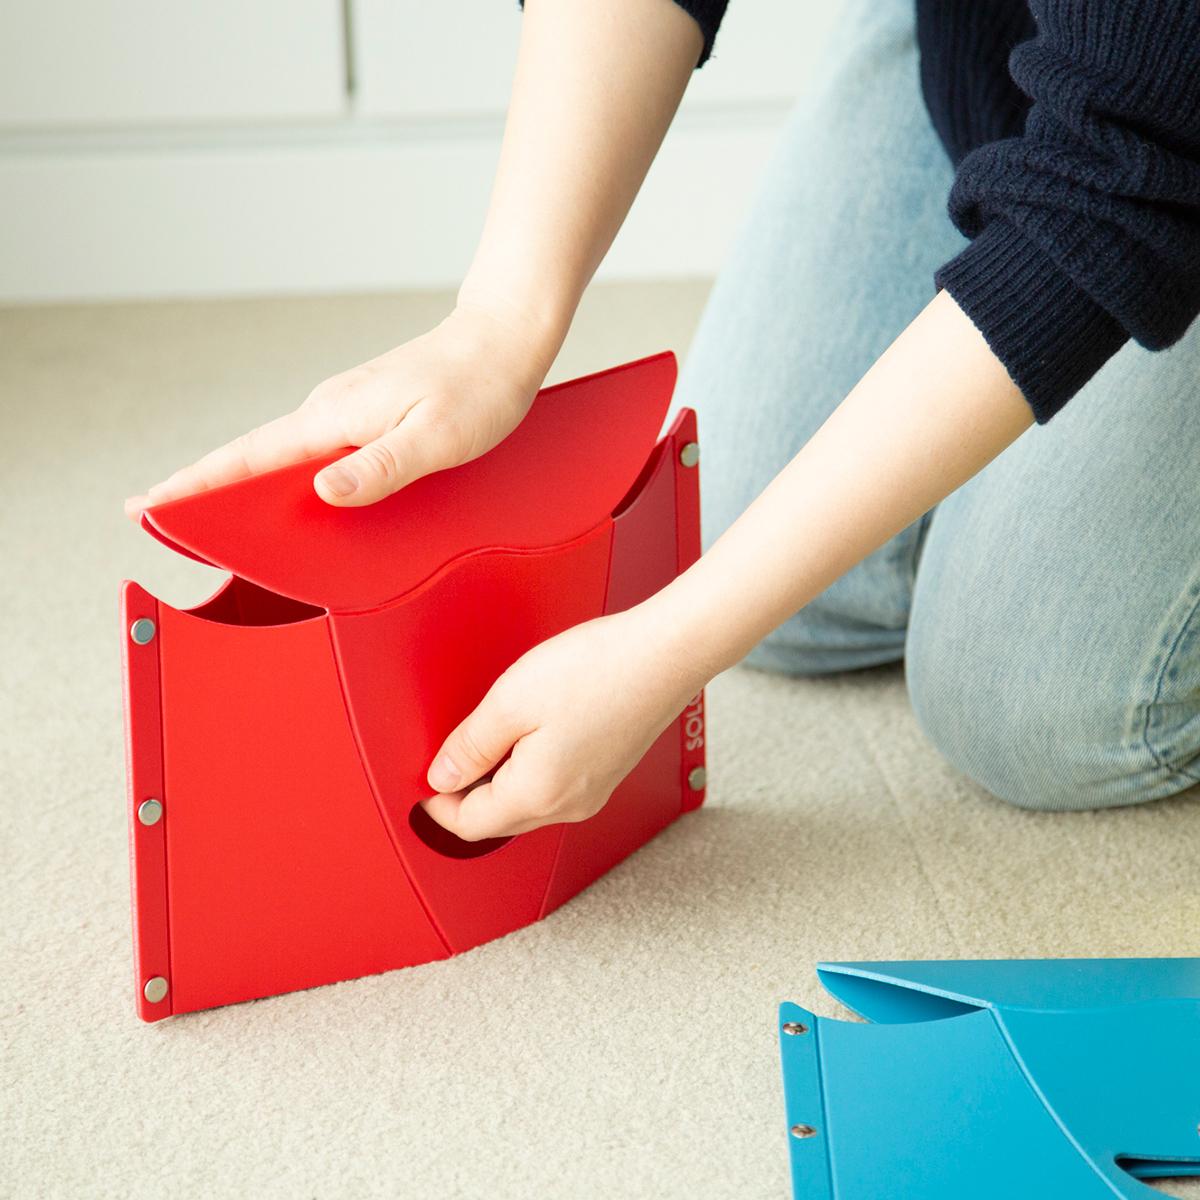 薄さ3センチの「どこでもイス」|気軽に持ち運べて、どこにでも3秒でイスが出現!